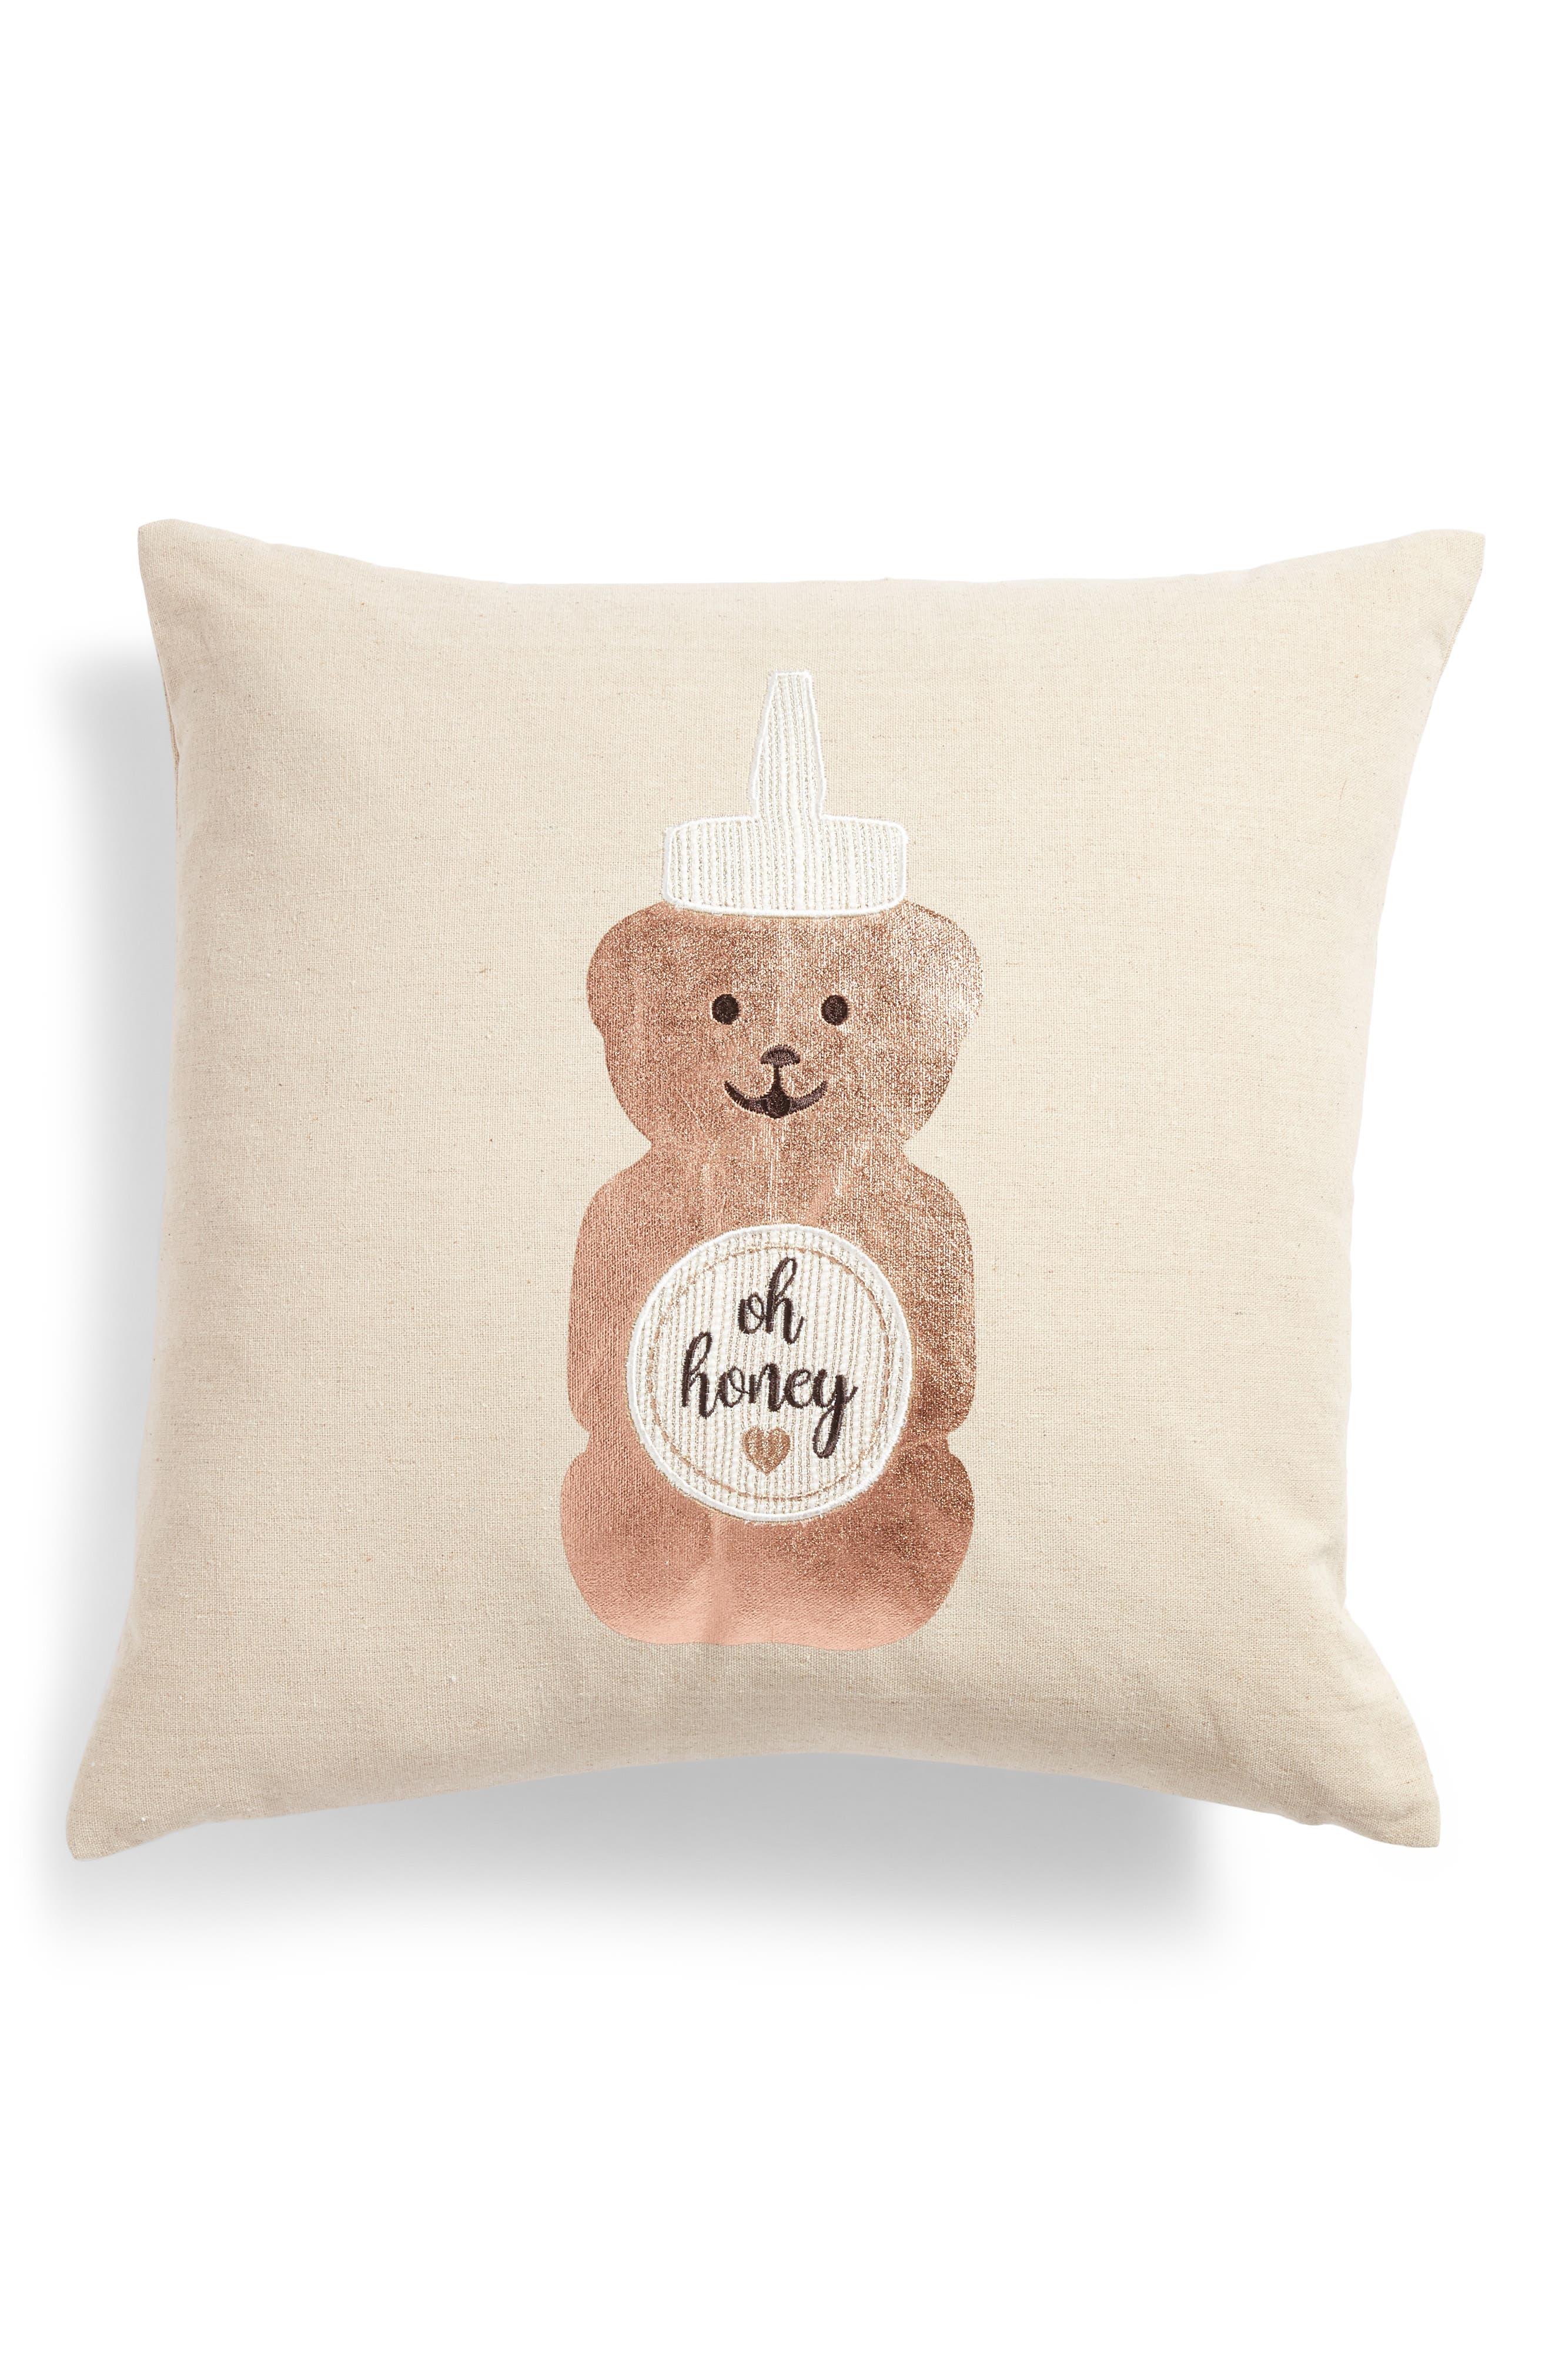 Levtex Oh Honey Accent Pillow